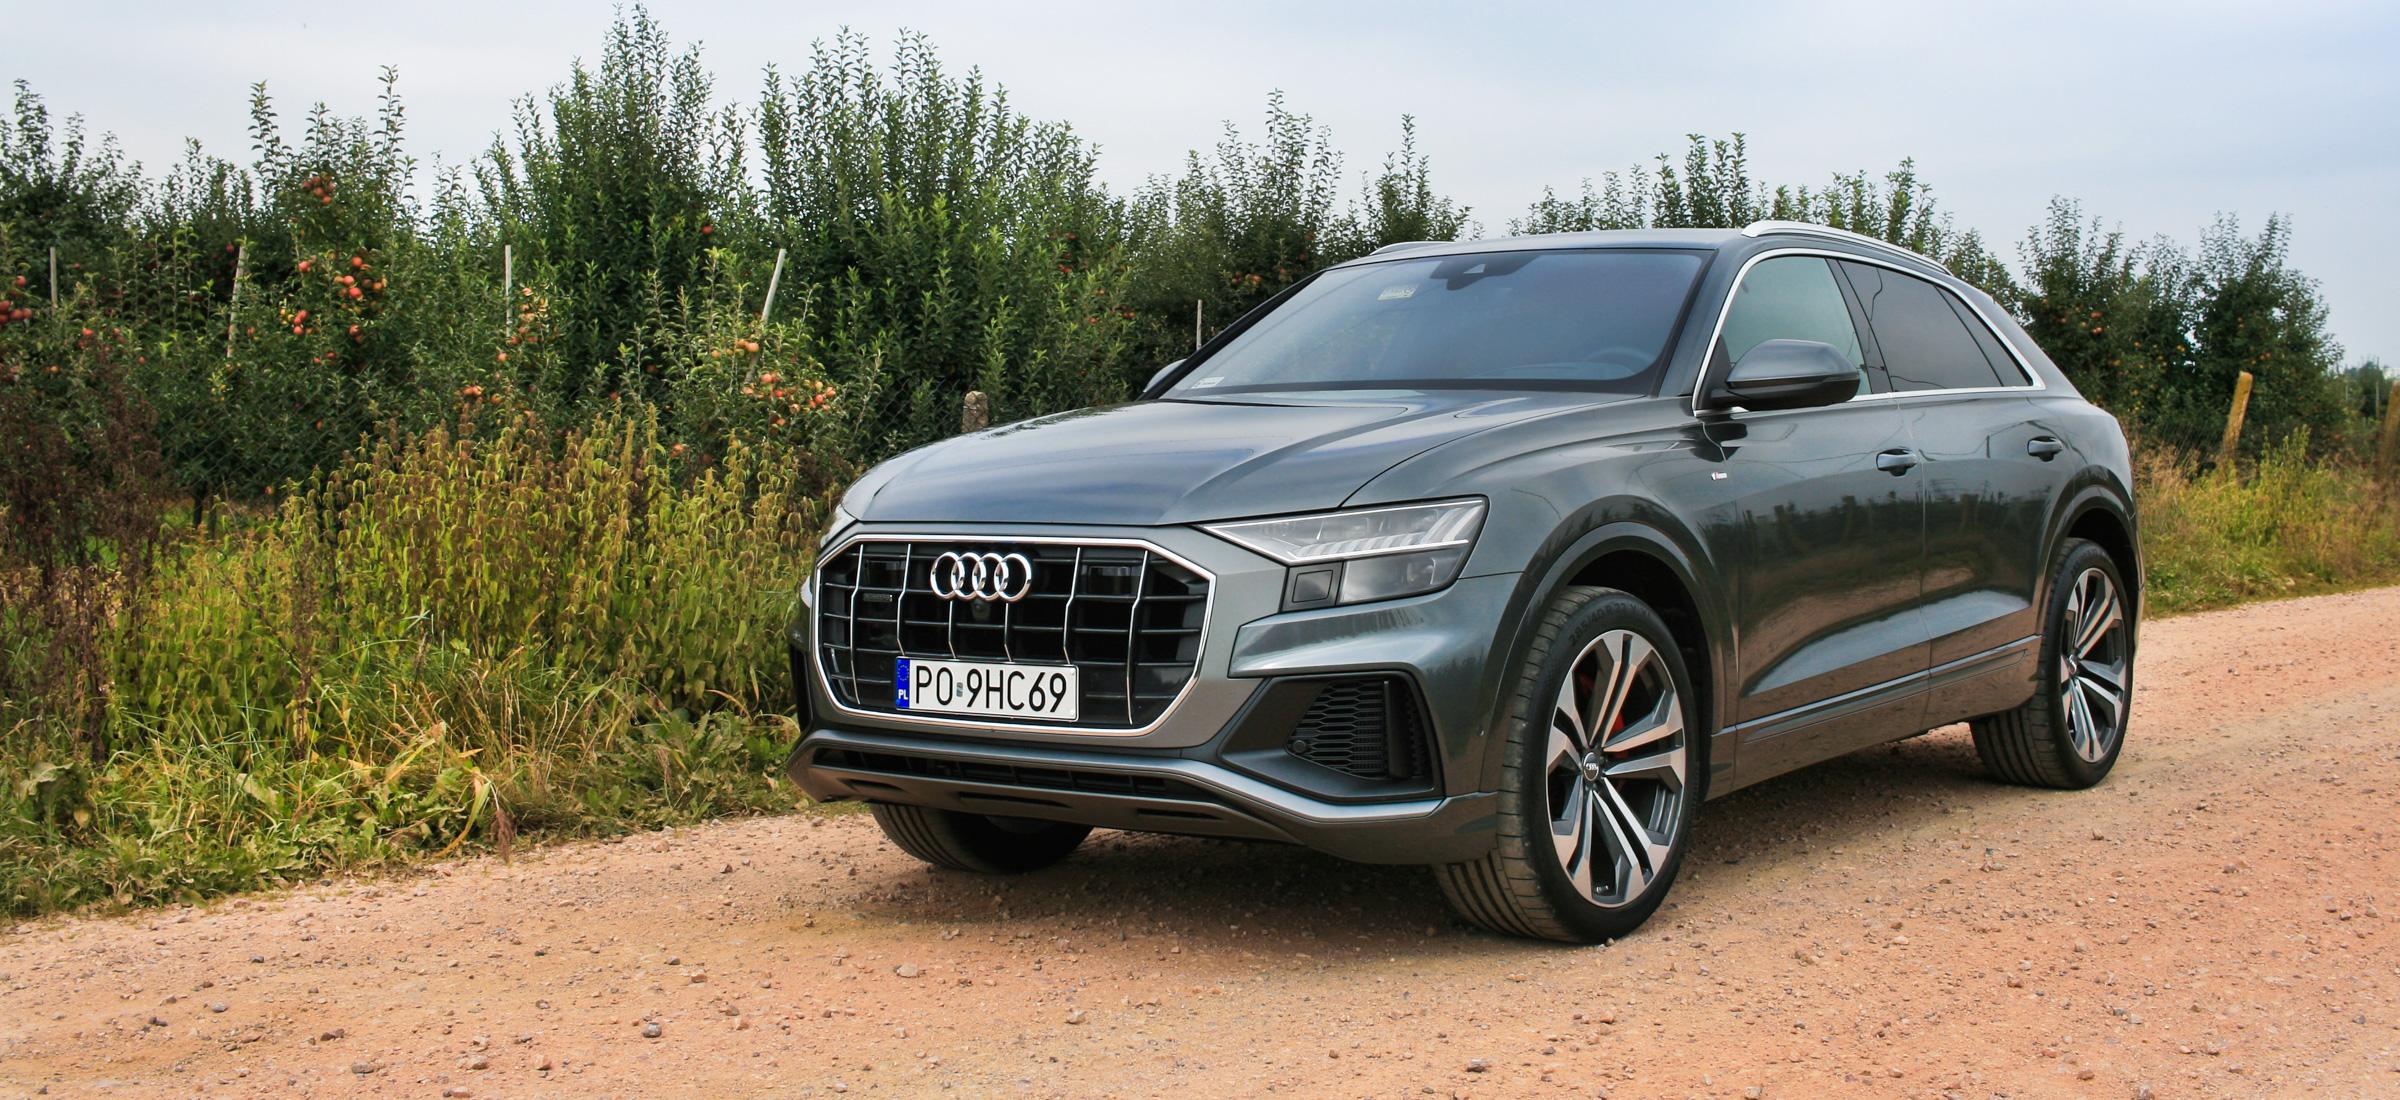 Audi Q8 Już W Polsce Jest Tak Dobre Jak Sądziliśmy I W